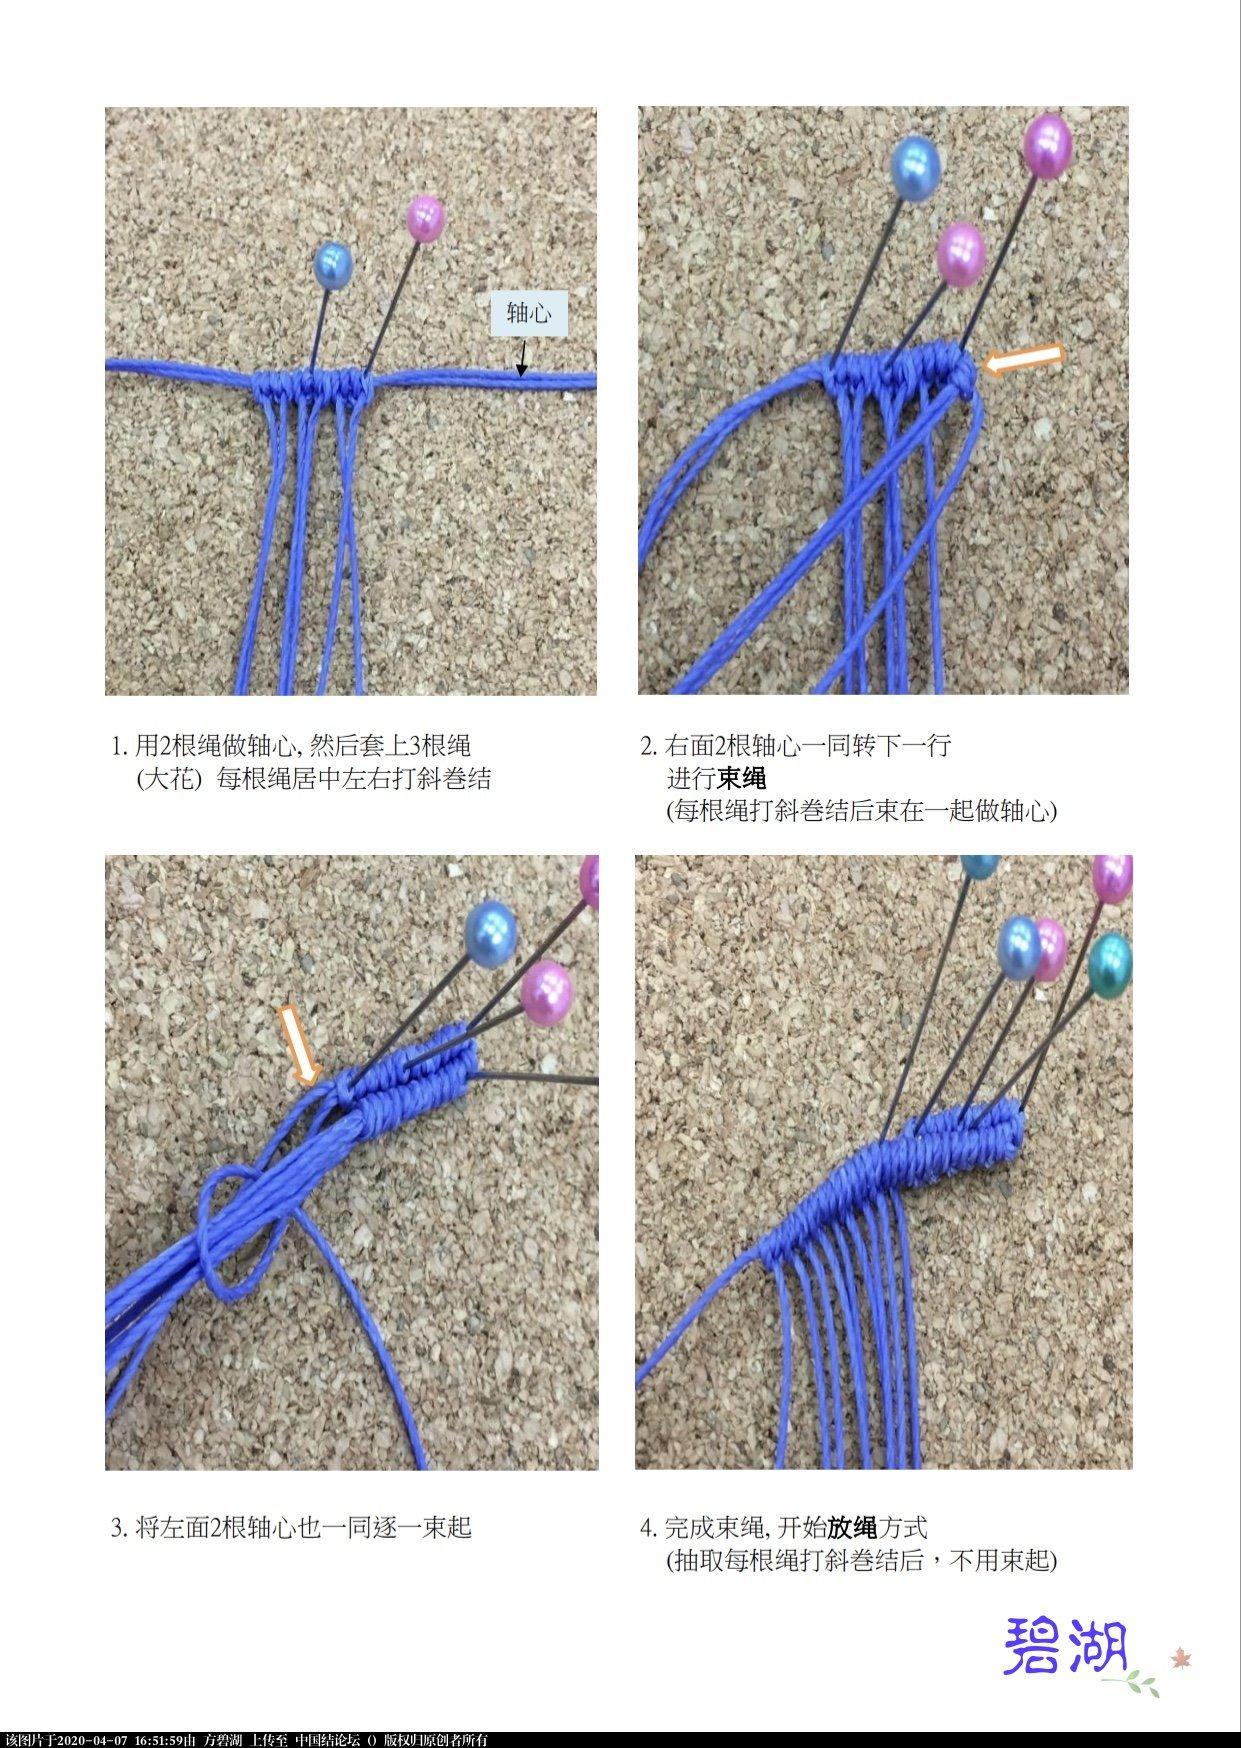 中国结论坛 六瓣花教程 教程,六瓣花怎么编织方法,六瓣花编织教程,六瓣花图片大全 图文教程区 165116hn2xcqh6t6x6nqst